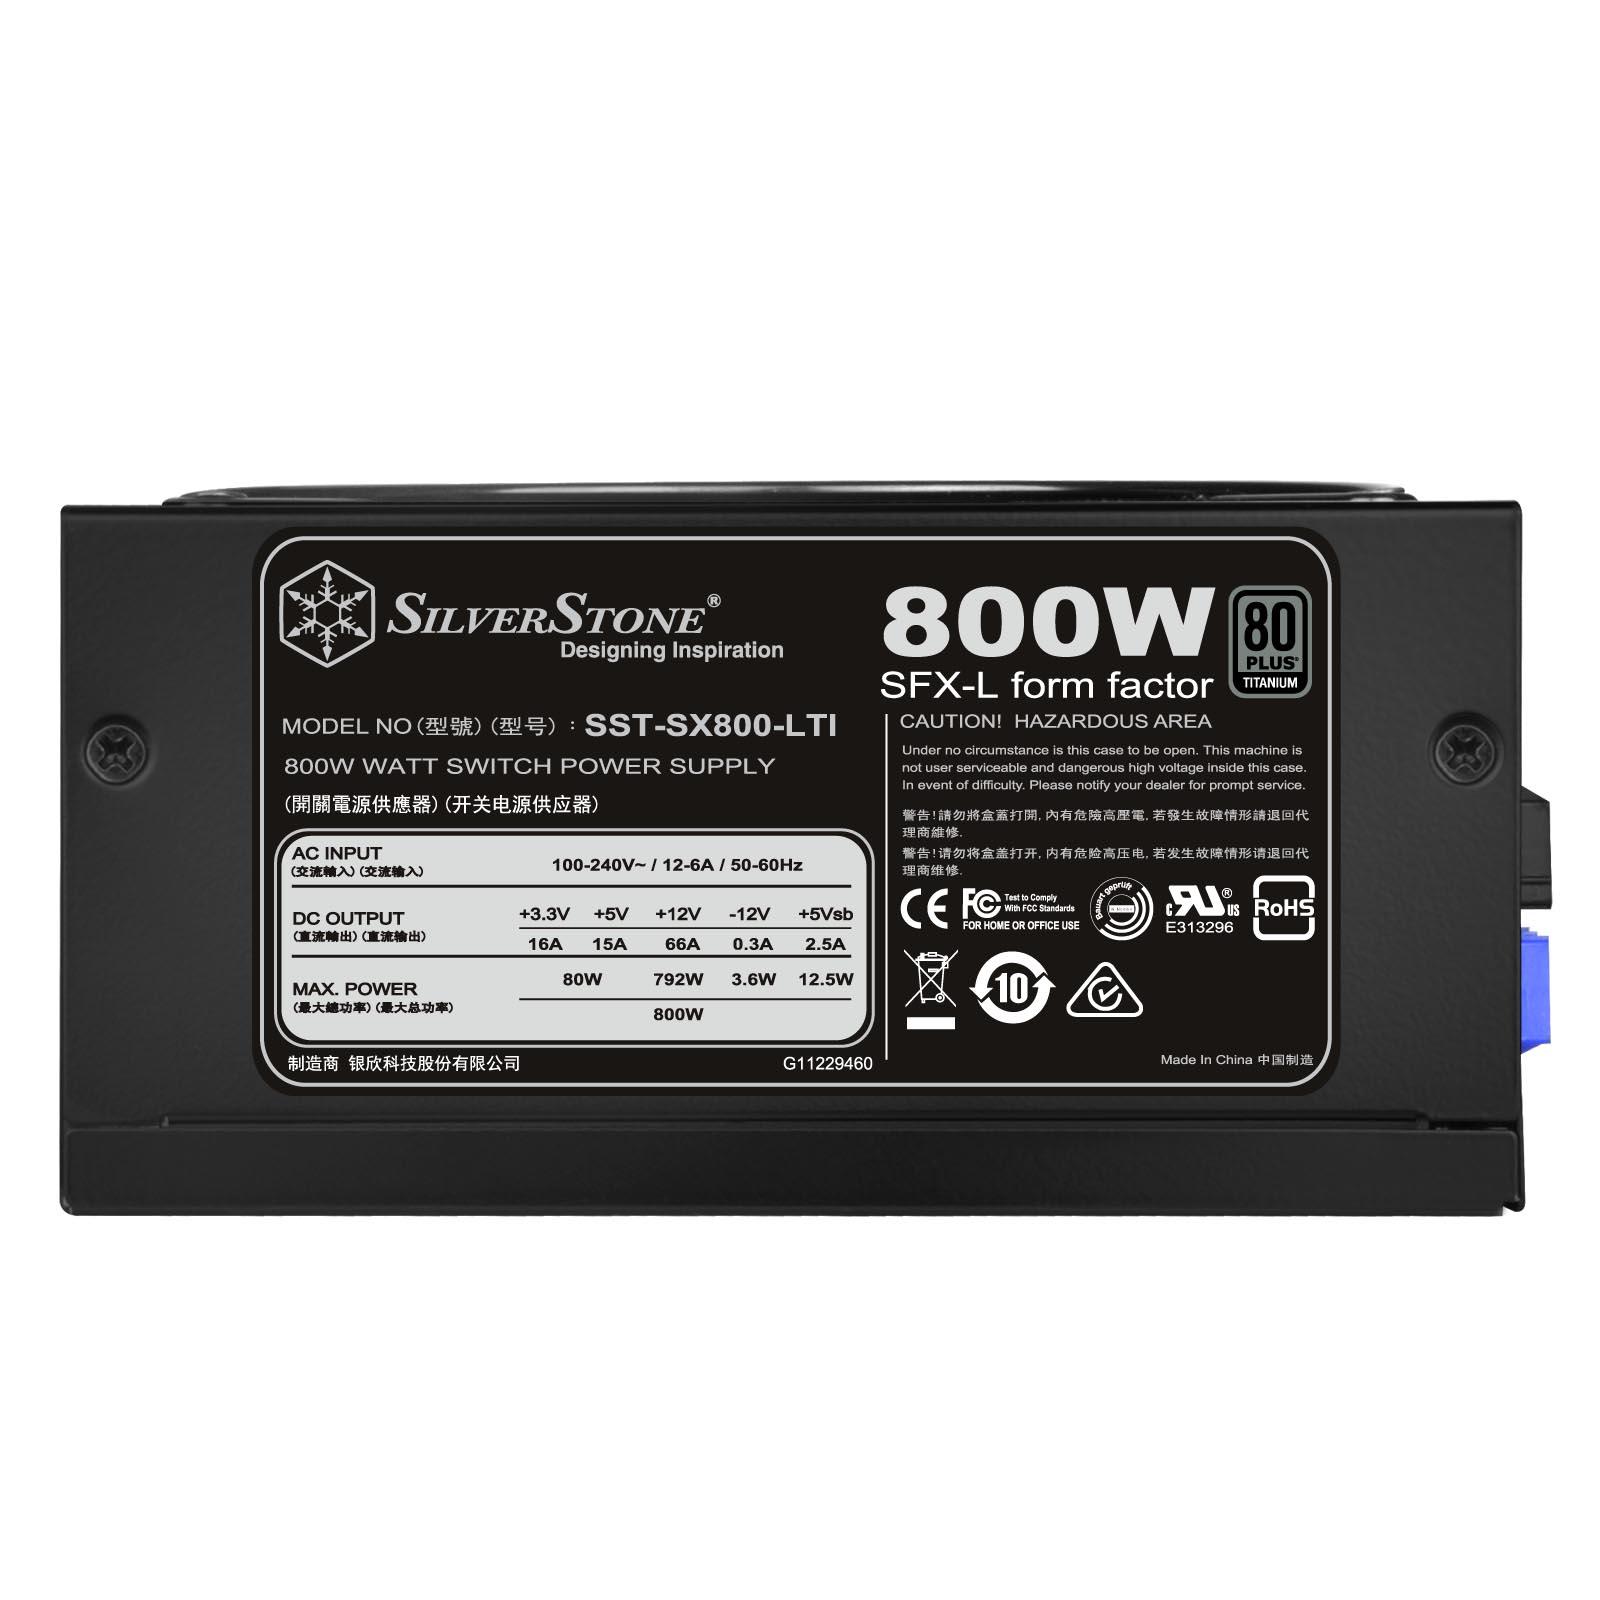 800W SFX-L